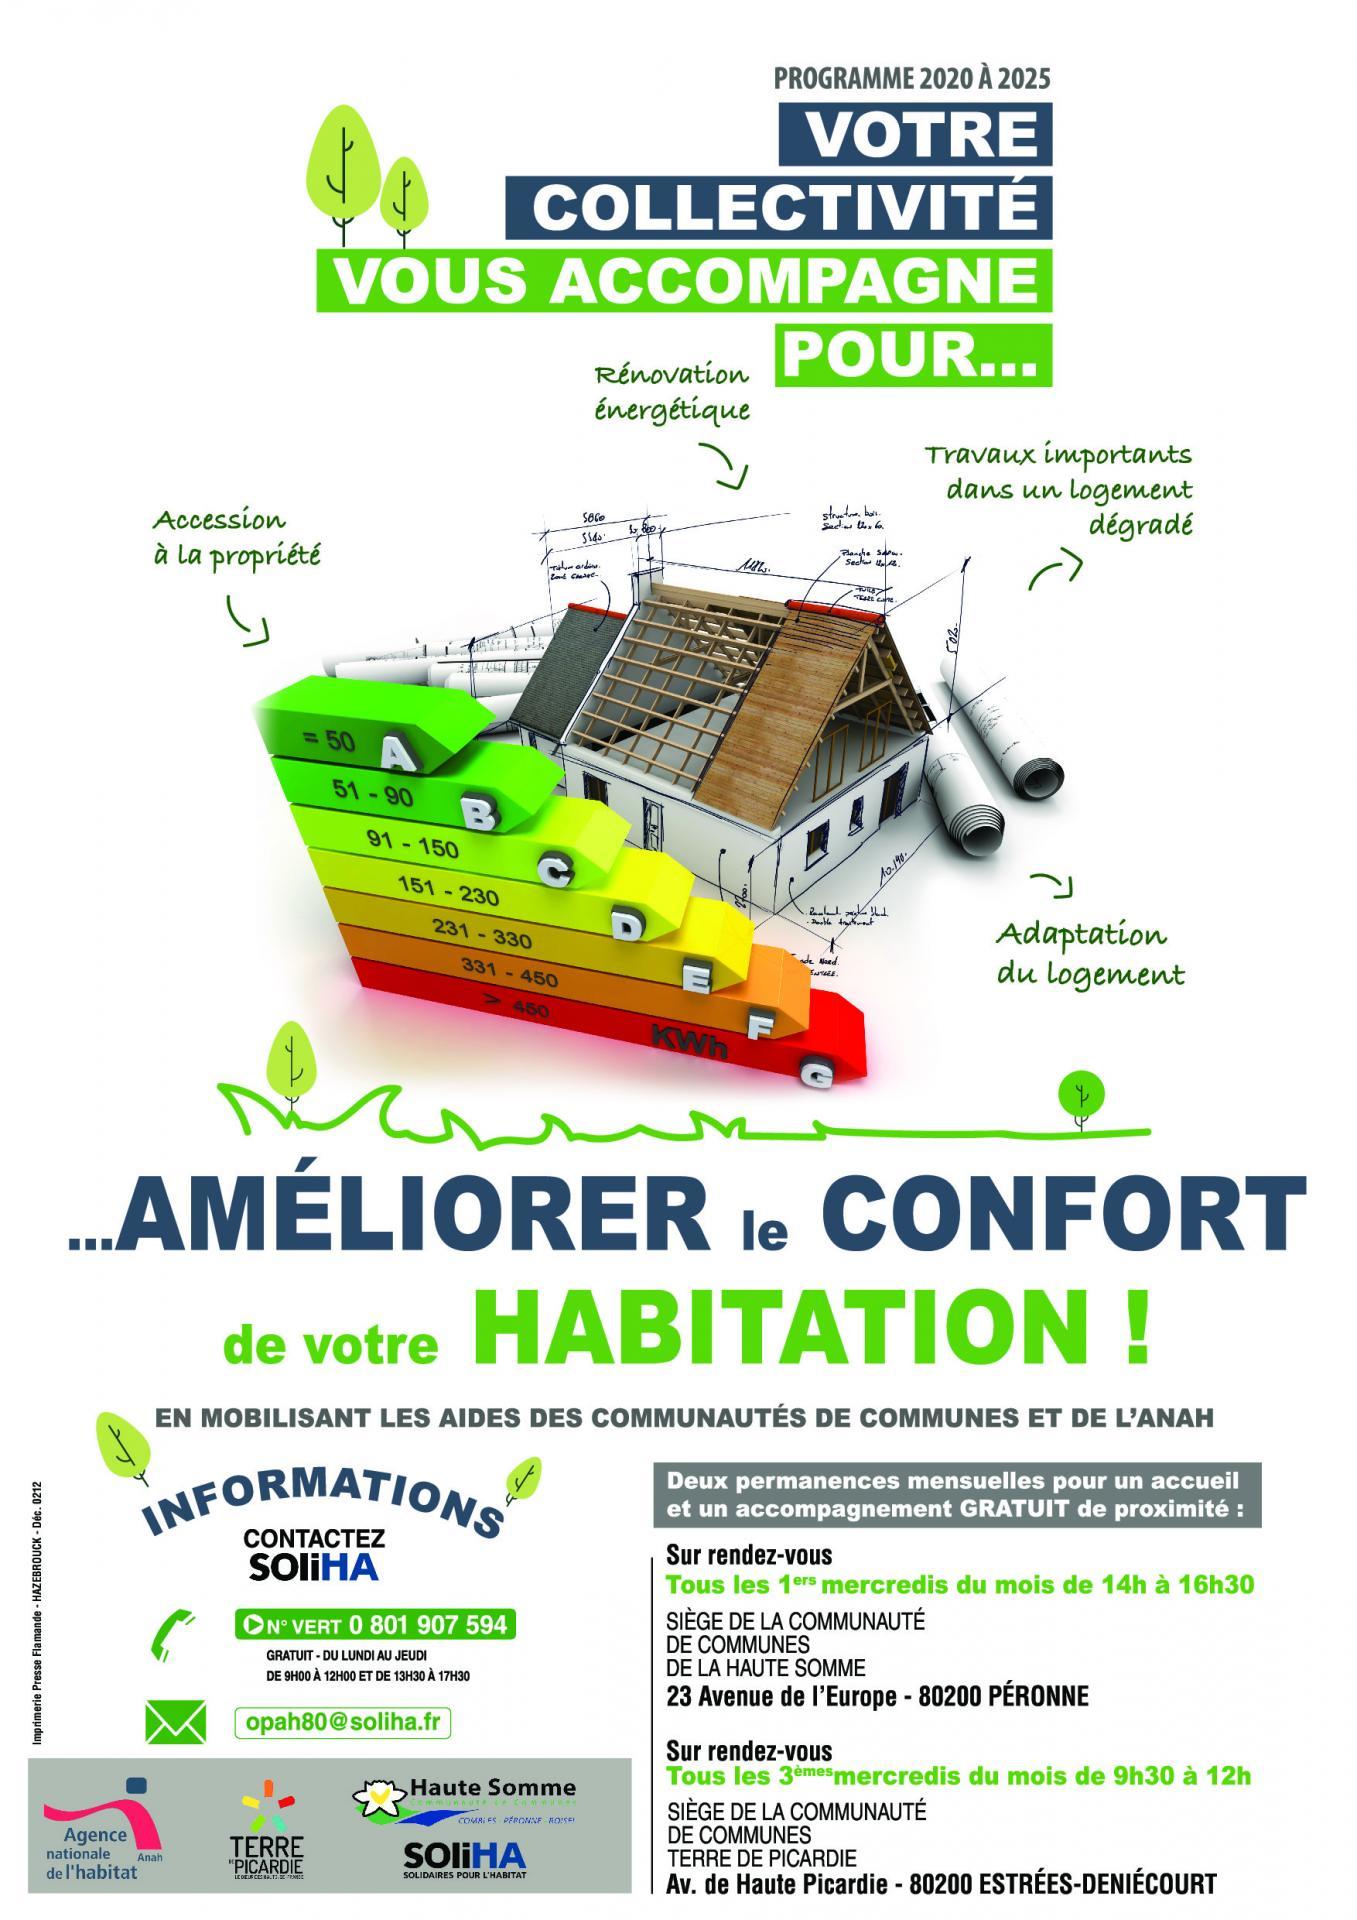 Améliorer le confort de votre habitation